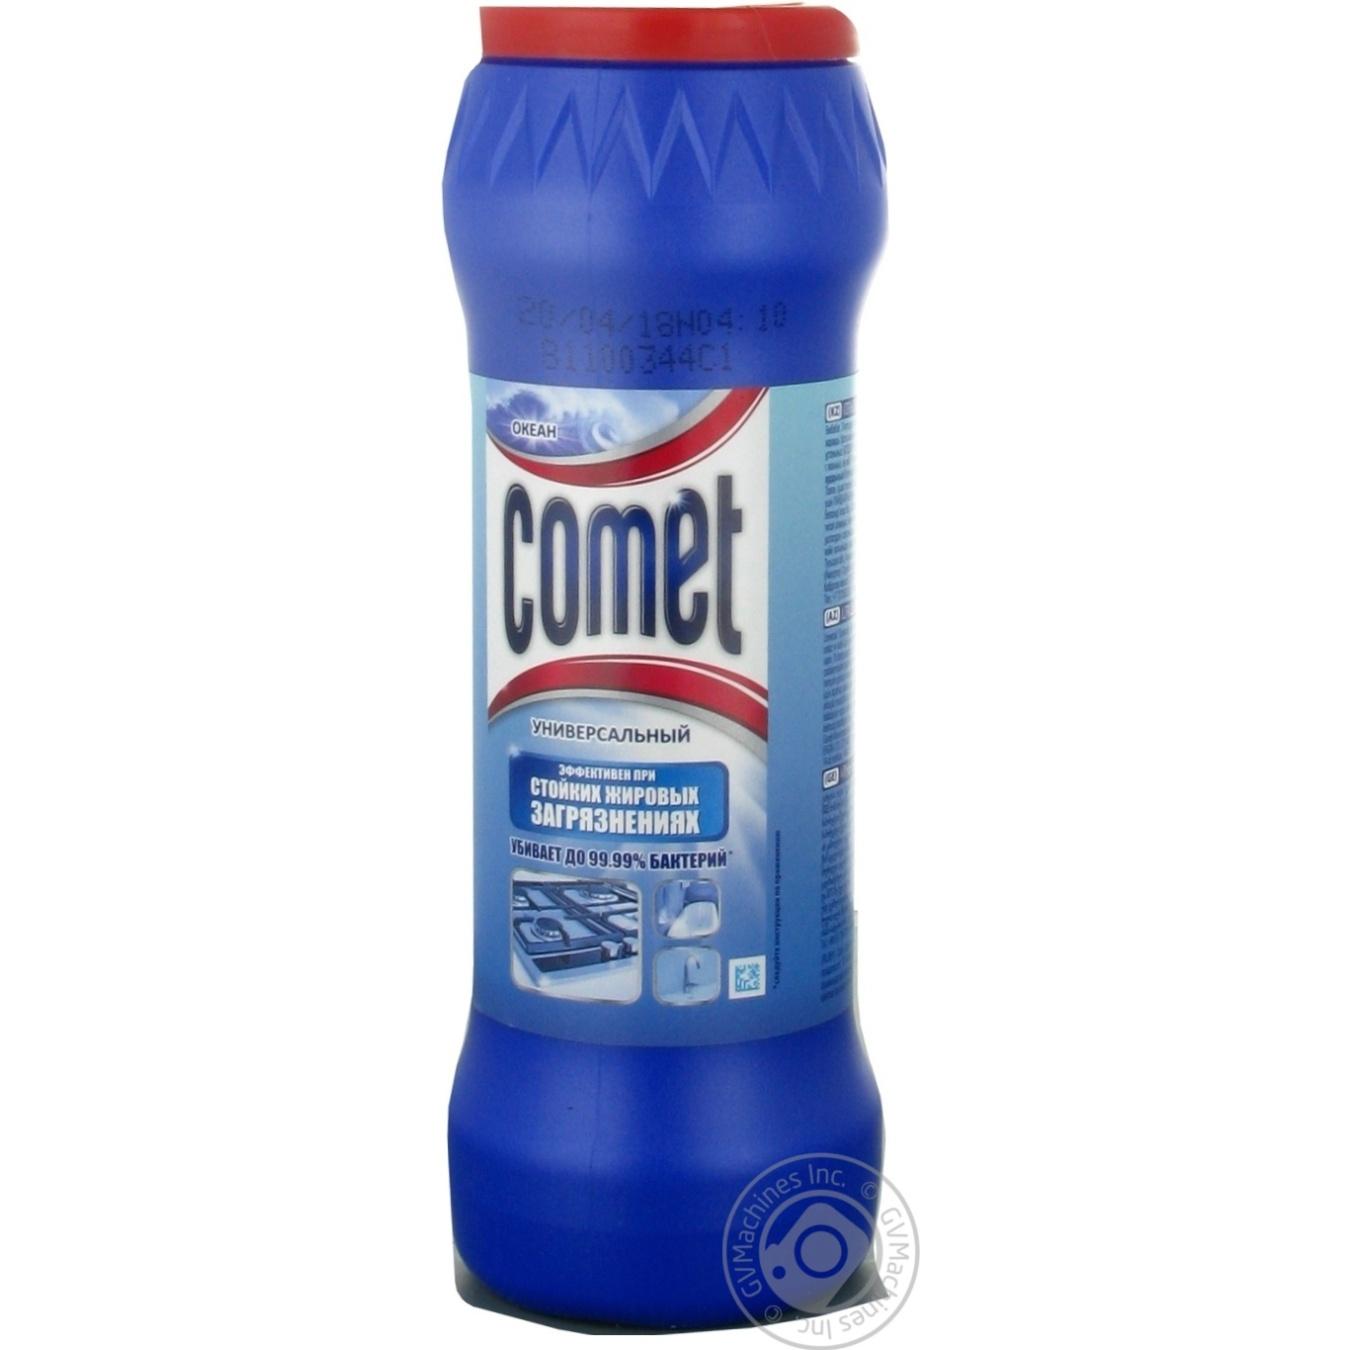 Купить Для прибирання, Порошок чистячий Comet Океан універсальний 475г